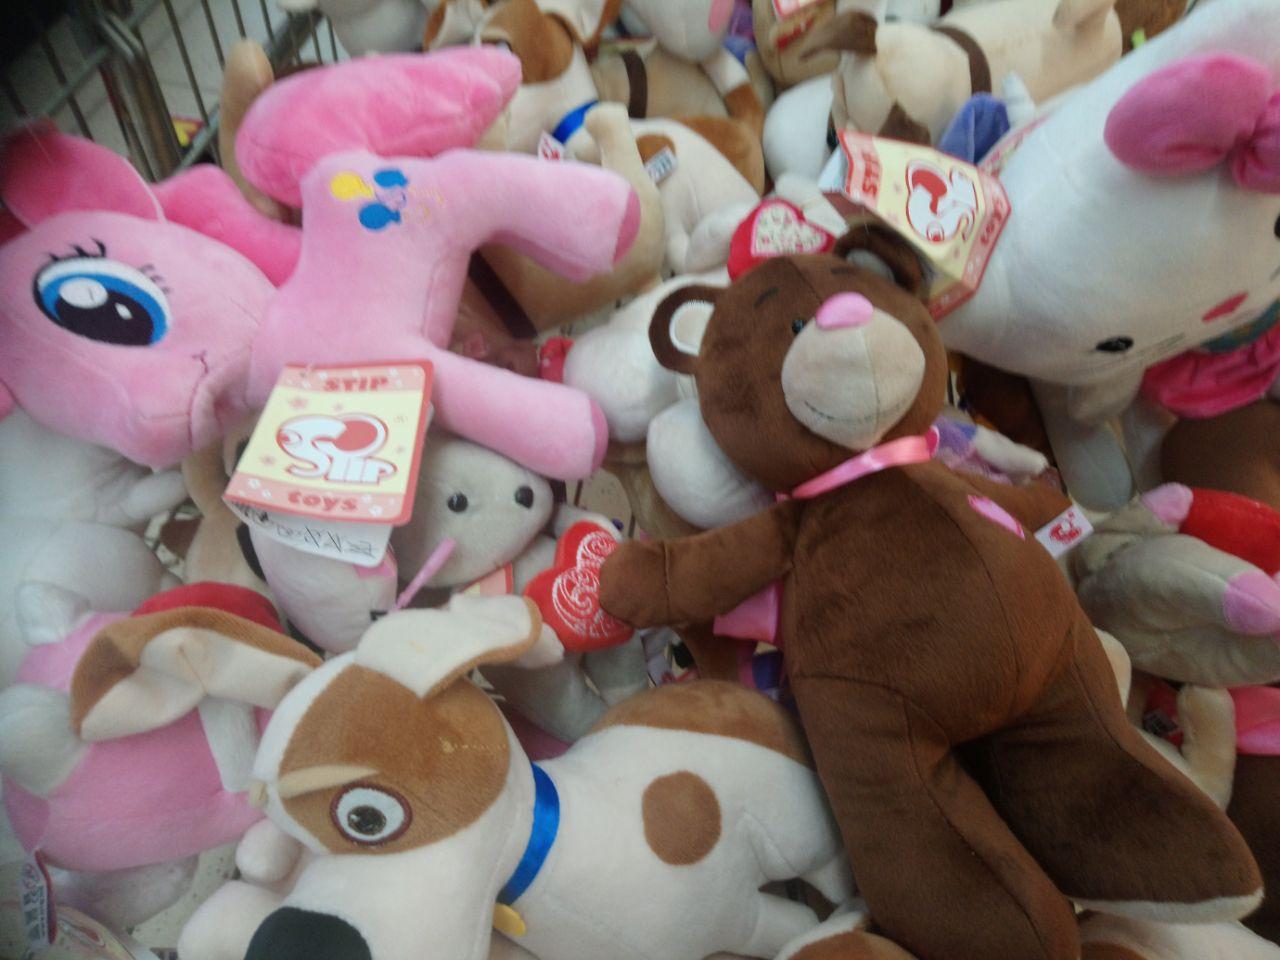 Київщина іn love: що найчастіше дарують коханим у 2021 році - ціни, подарунки, День Святого Валентина, День всіх закоханих - photo5278628108477509695 1